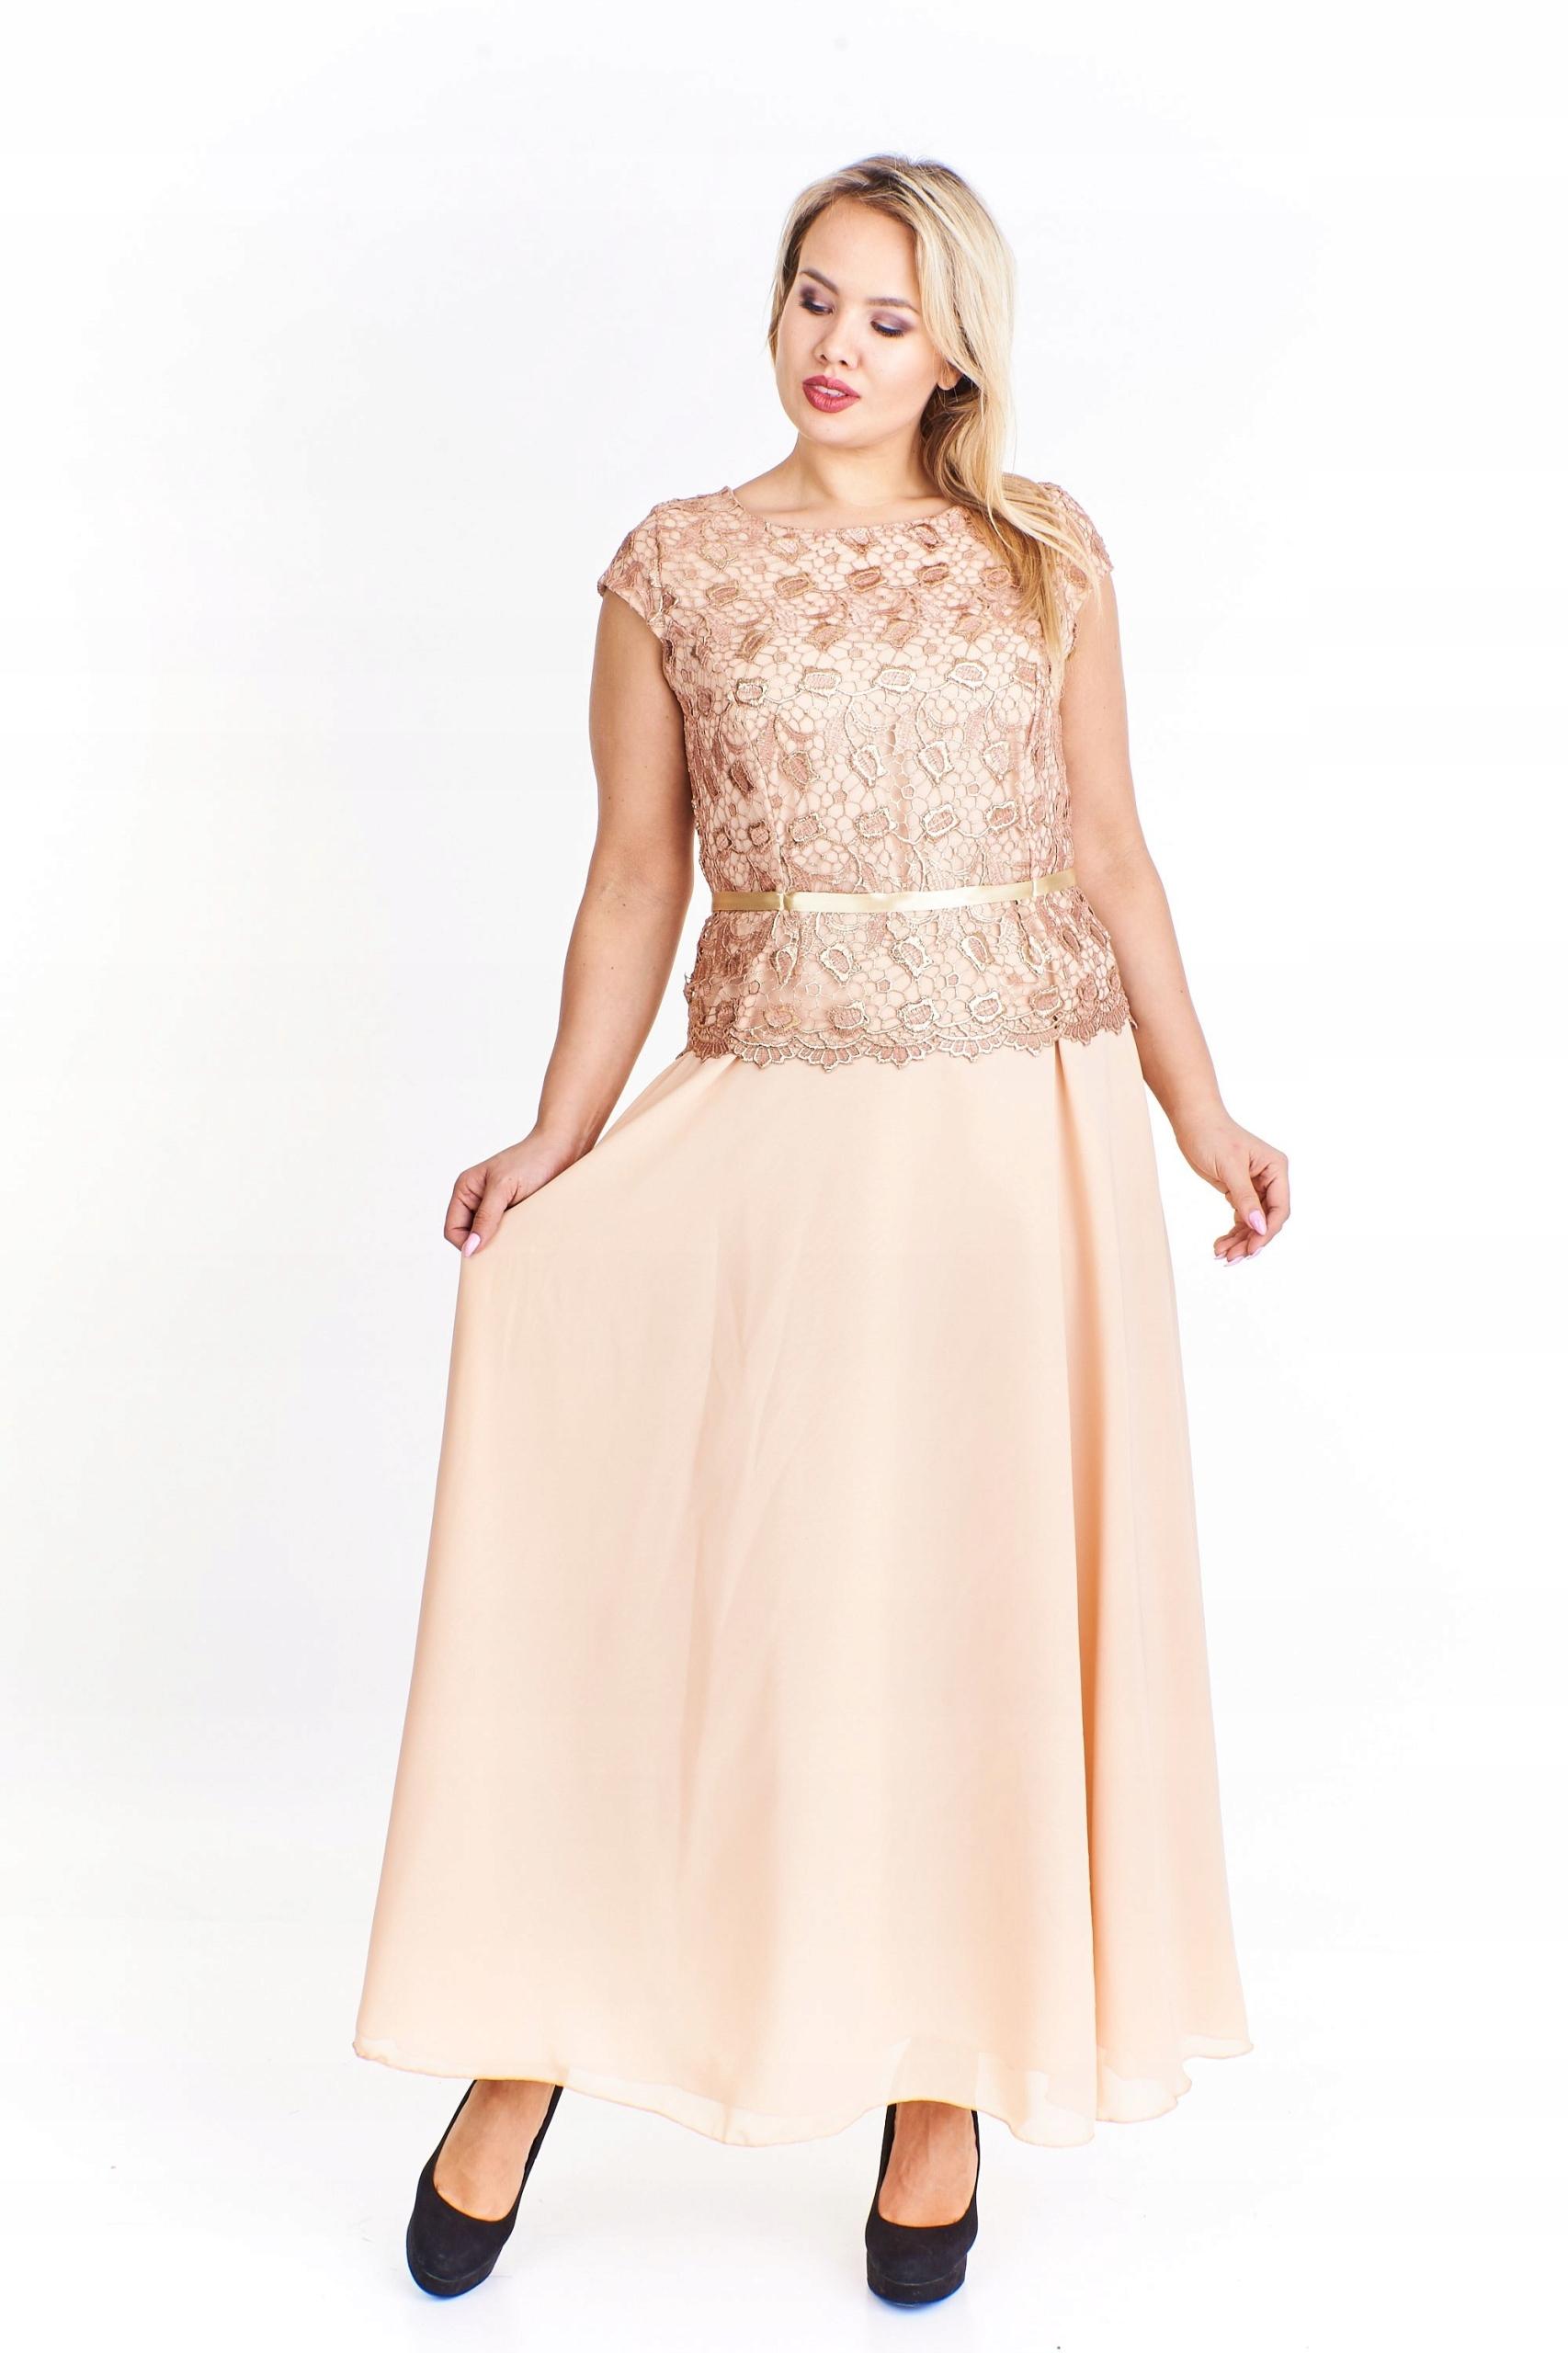 babbdbb948 Sukienka maxi z koronkową górą Beżowy 50 - 7443946906 - oficjalne ...